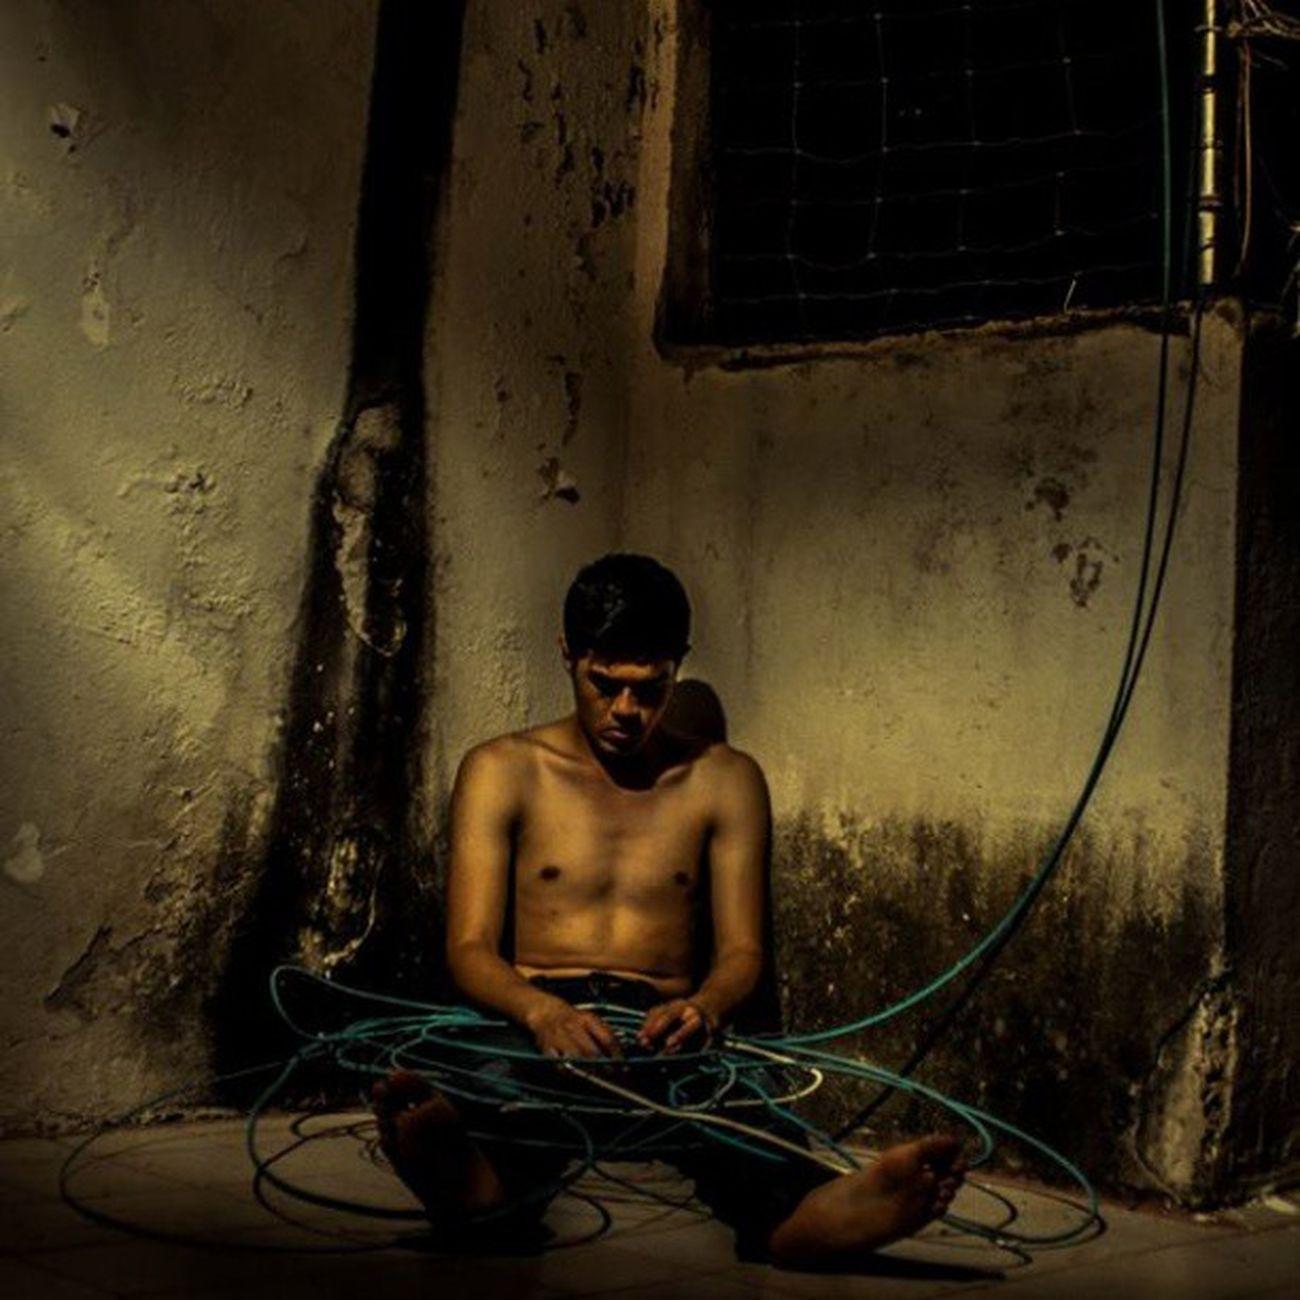 68/365 Ahfotografia 365project ByAlexHernández Photography MyArt